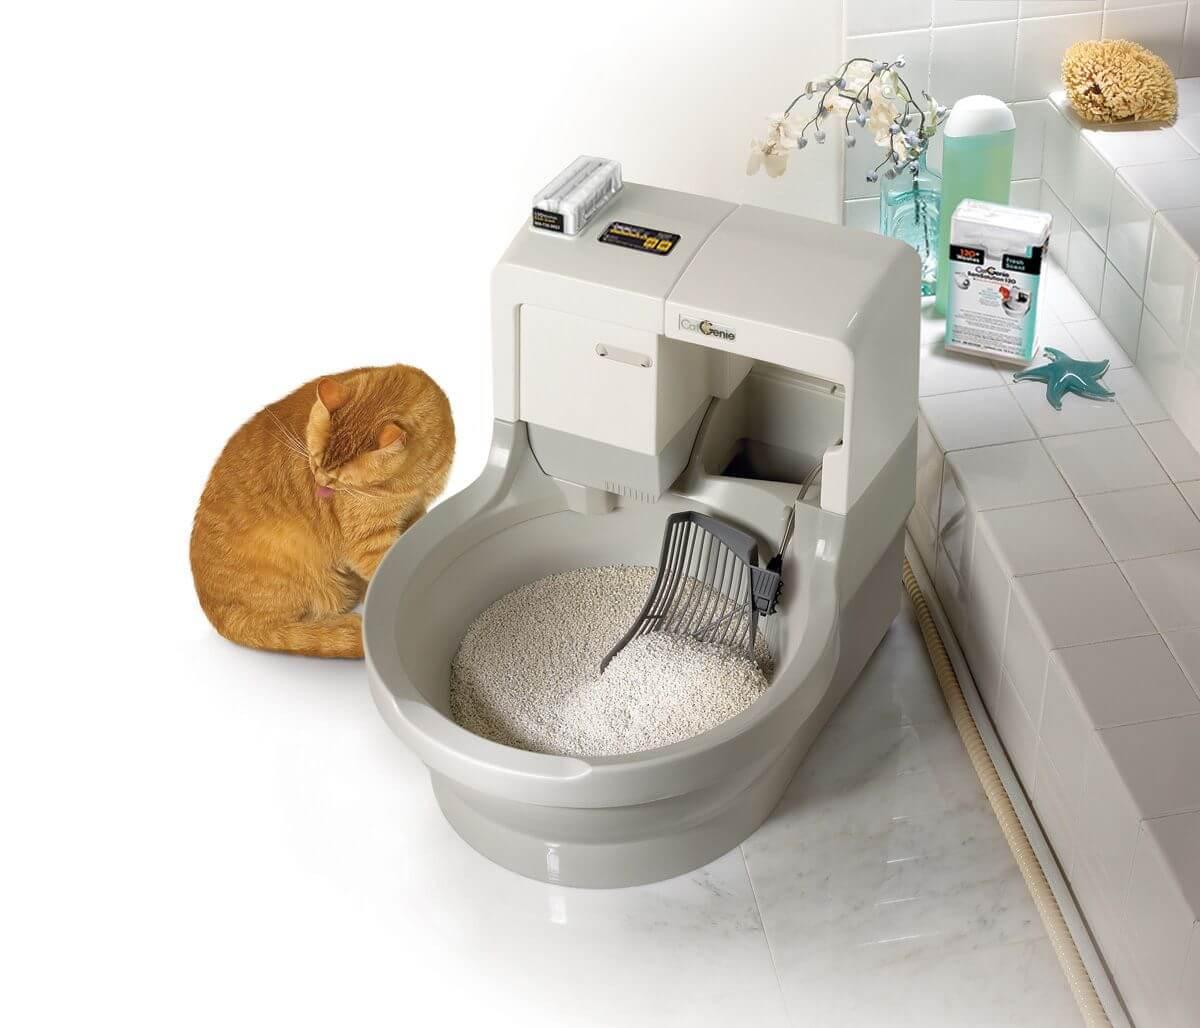 Туалет для кошки: как выбрать. 3 совета от заводчиков - kotiko.ru